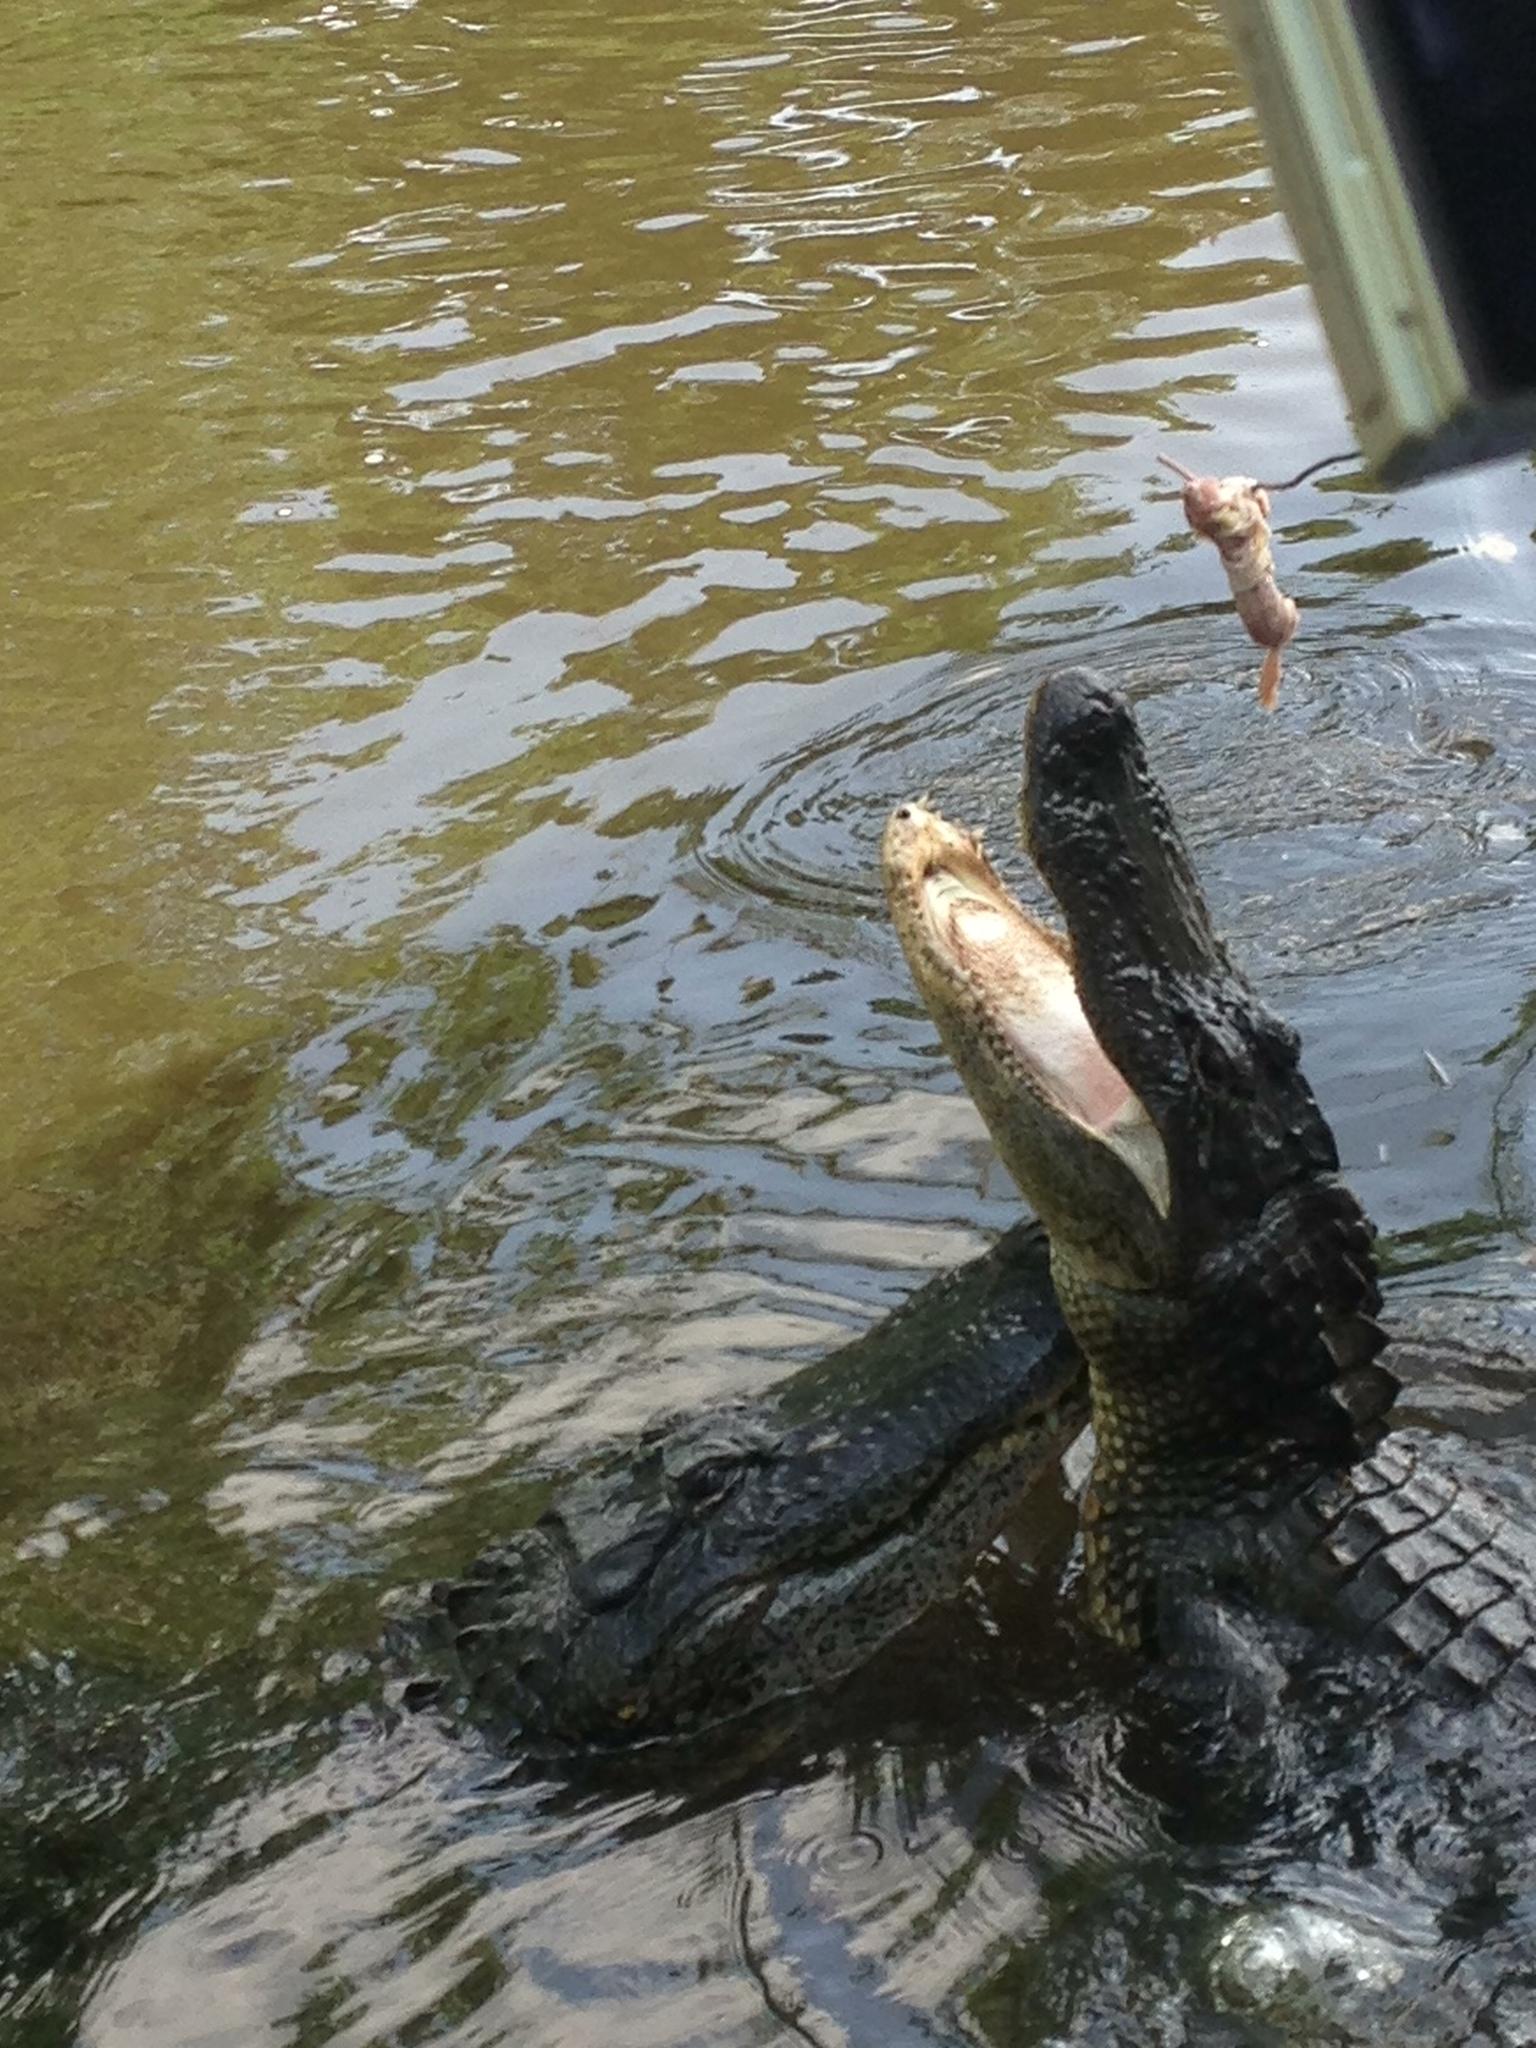 Two gators get the bait - Cajun Encounters (La Place, LA)